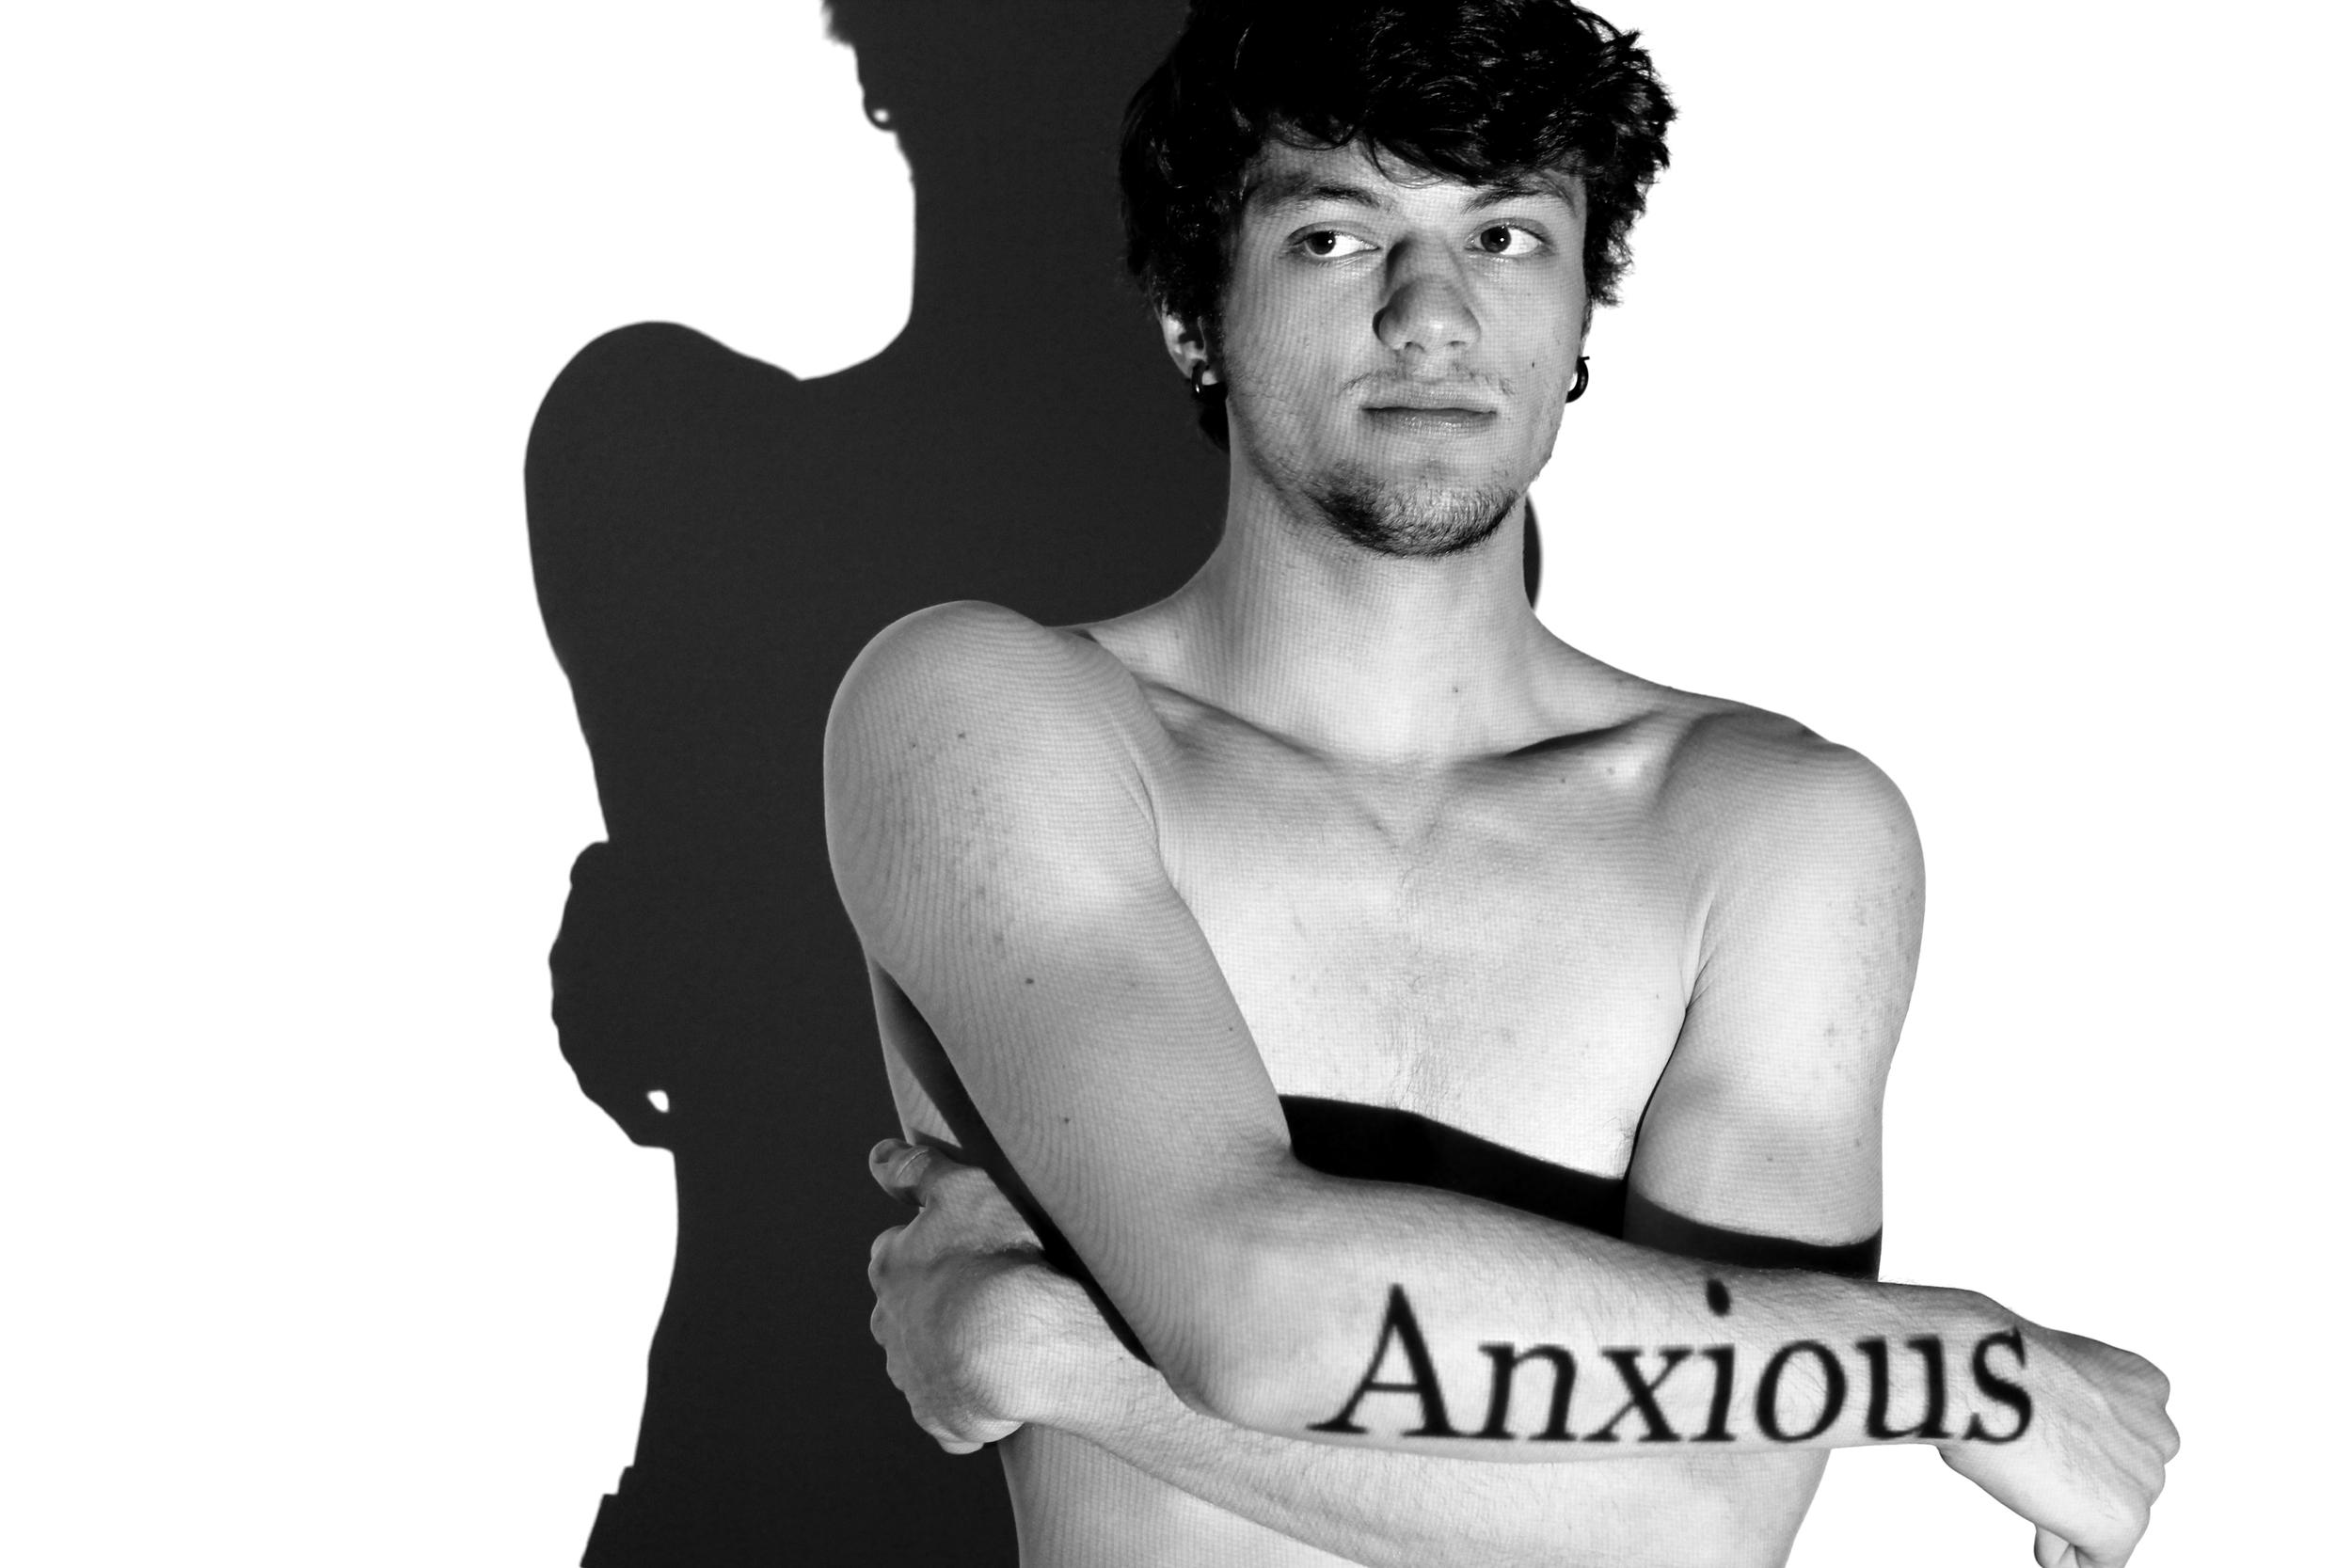 Dante_Anxious_WeWoreTheMasks_BW.jpg